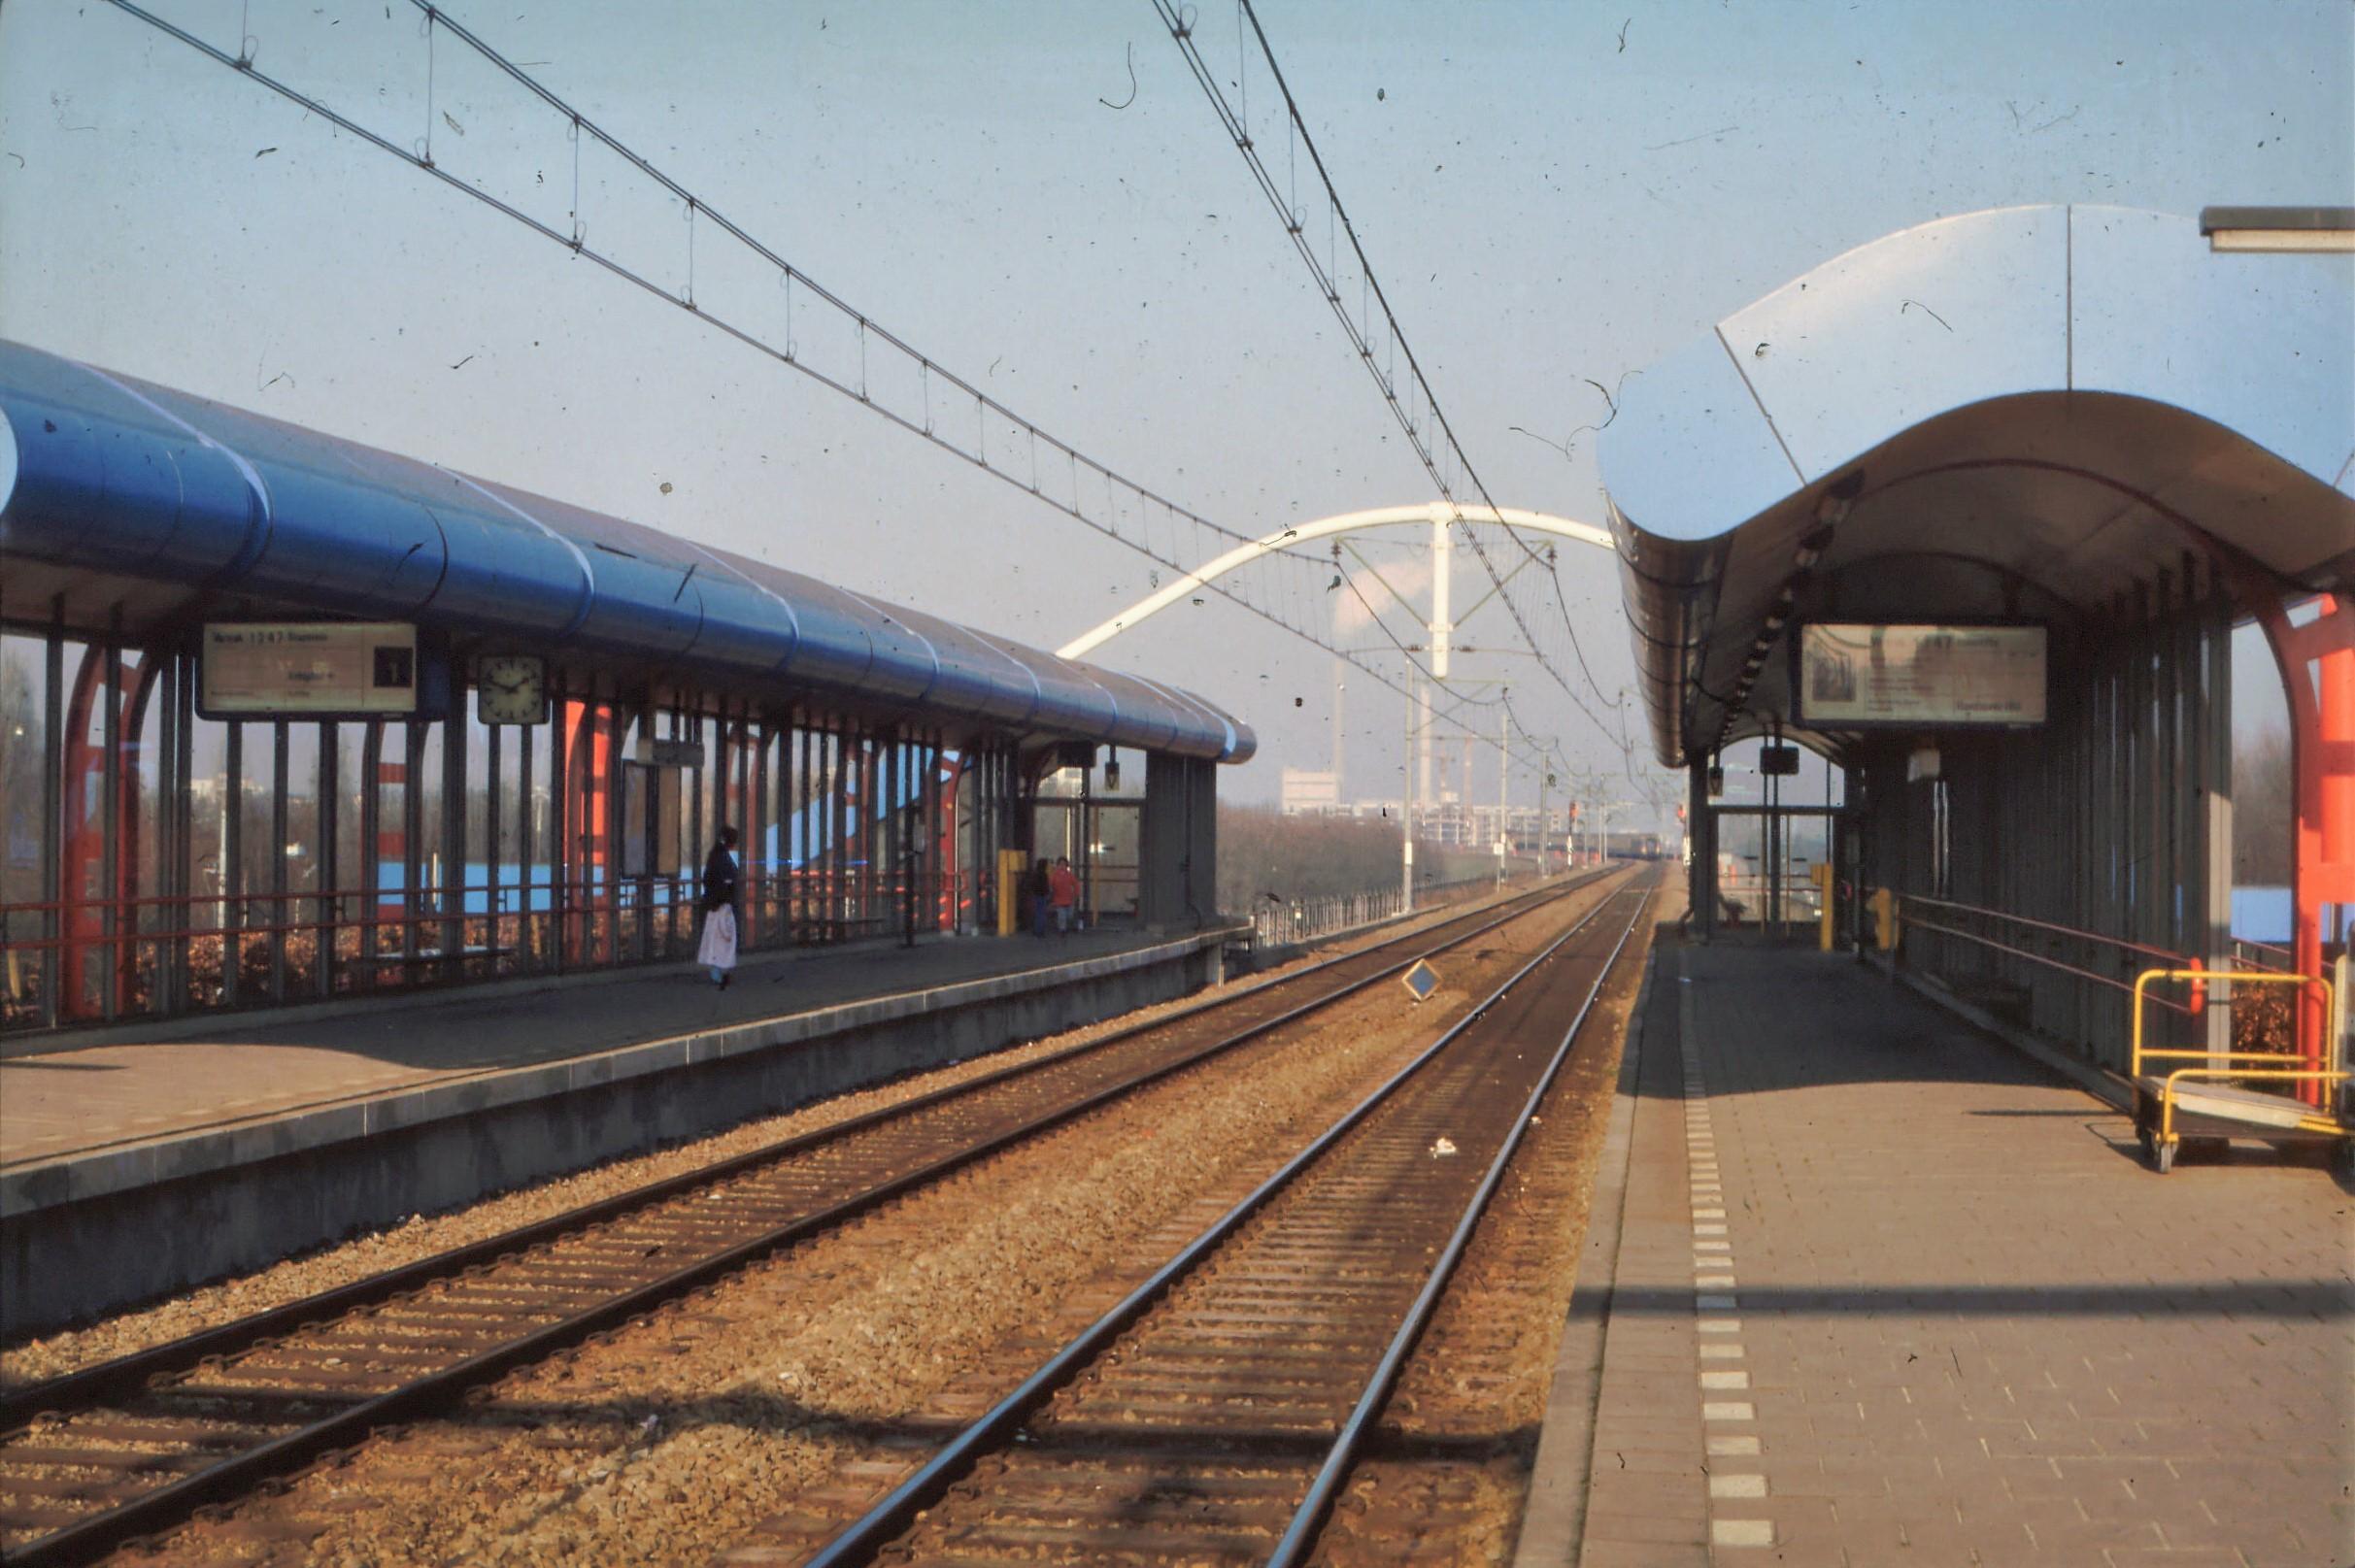 Station_Amsterdam_De_Vlugtlaan_perron.jpg